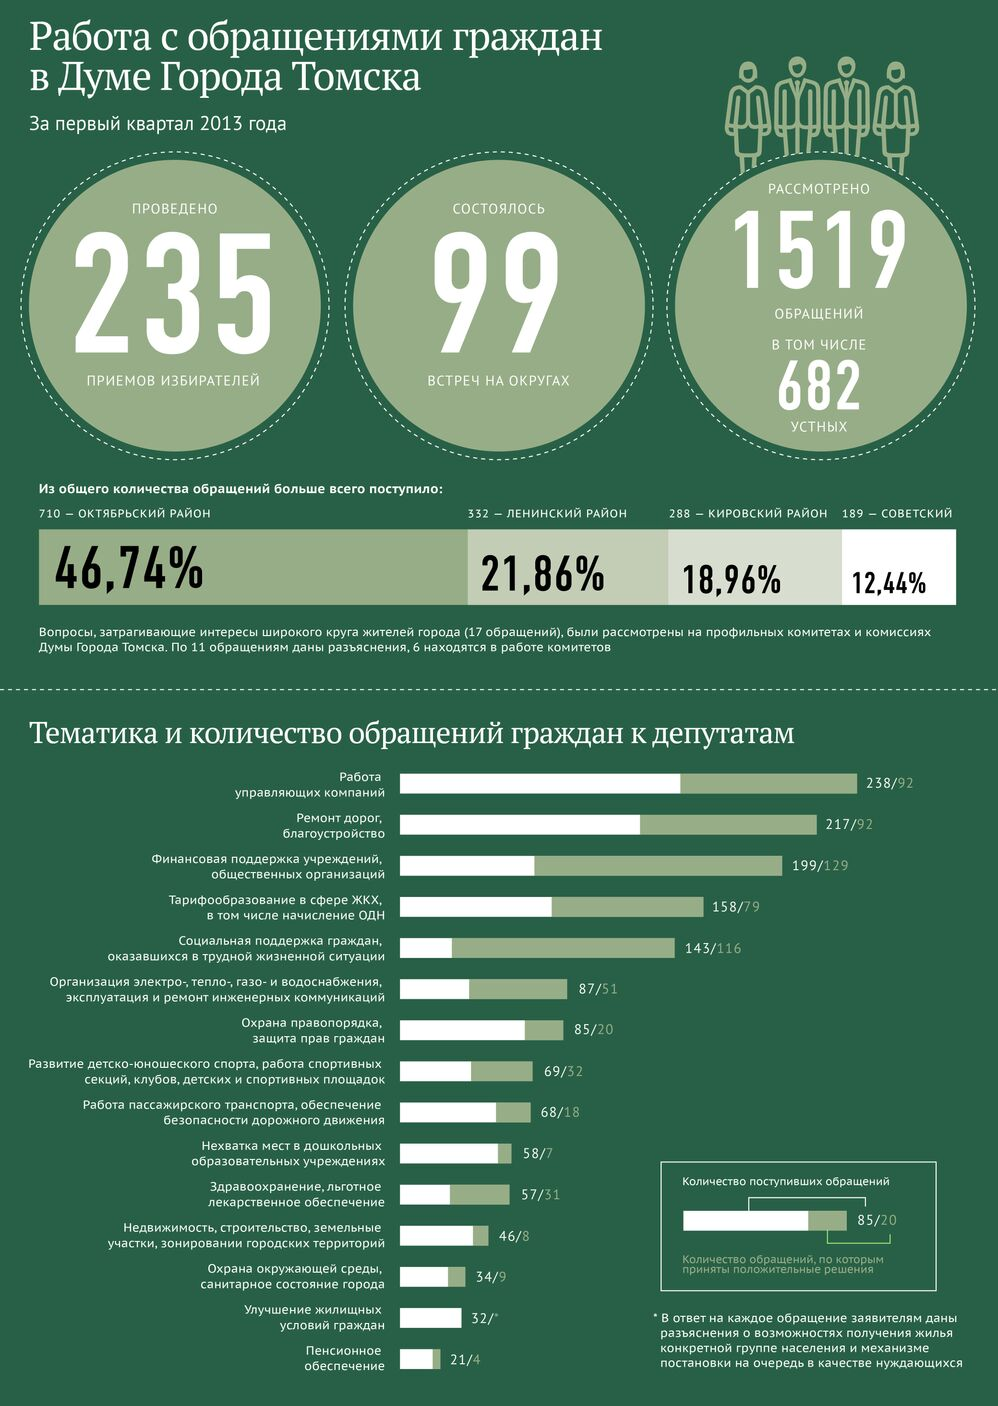 Работа с обращениями граждан в Думе города Томска I кв 2013 года